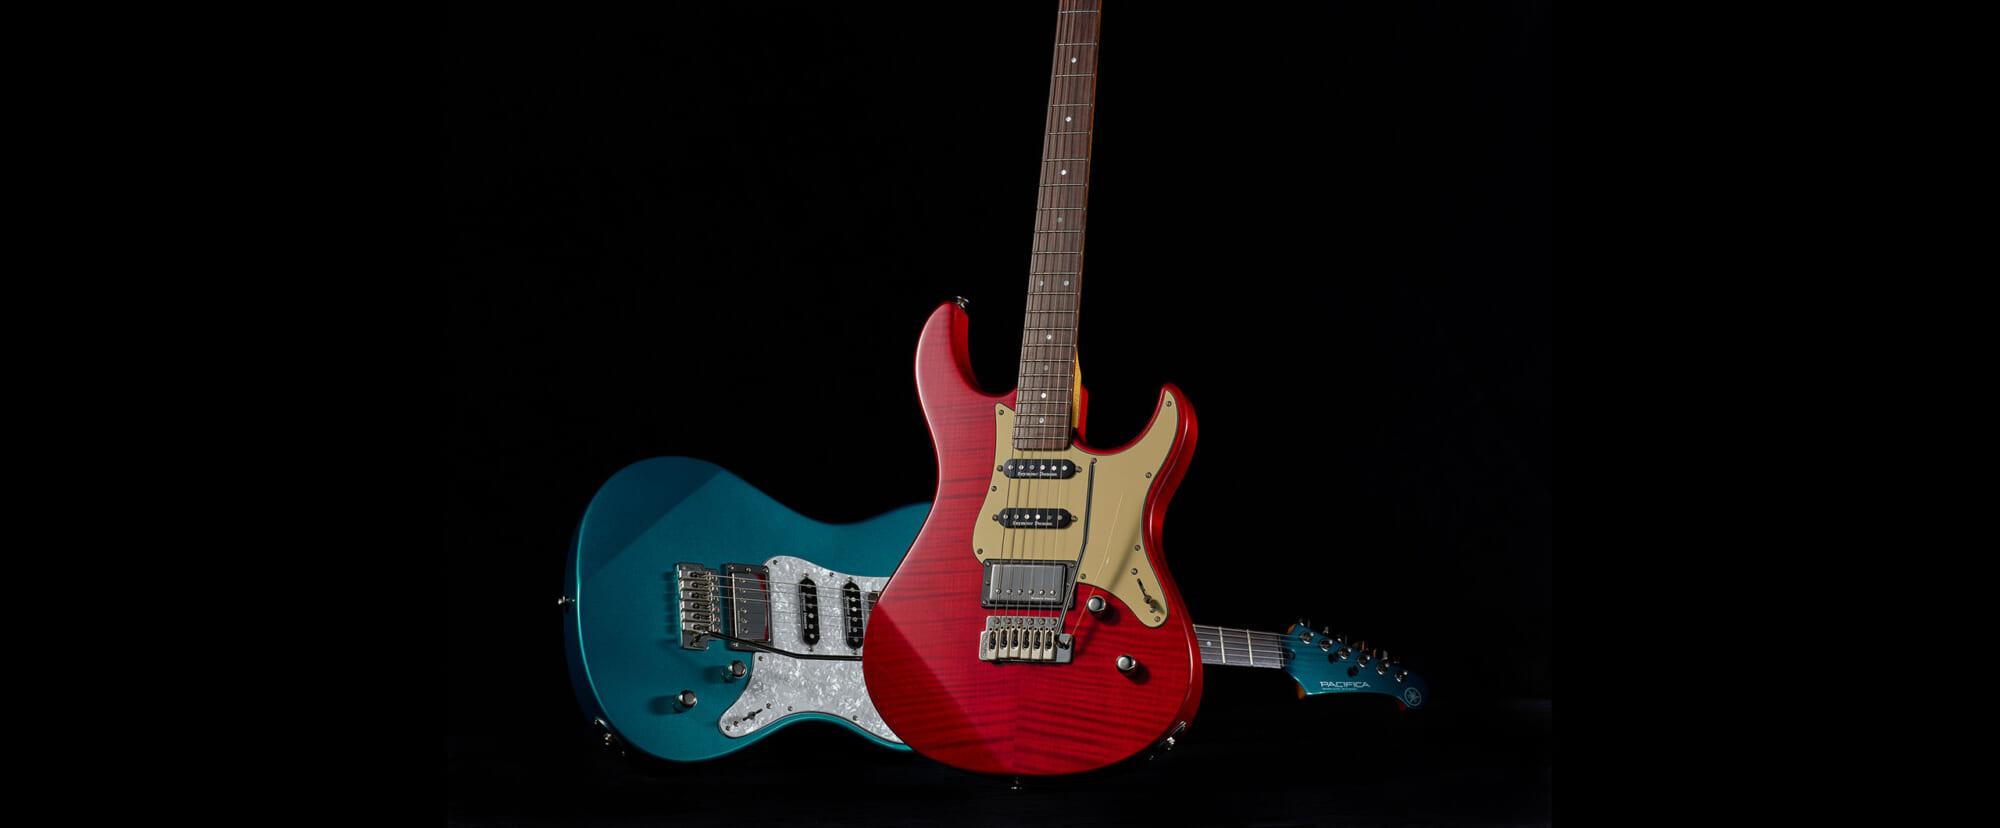 ヤマハのエレキ・ギター、PACIFICAシリーズに追加された4つの新モデル